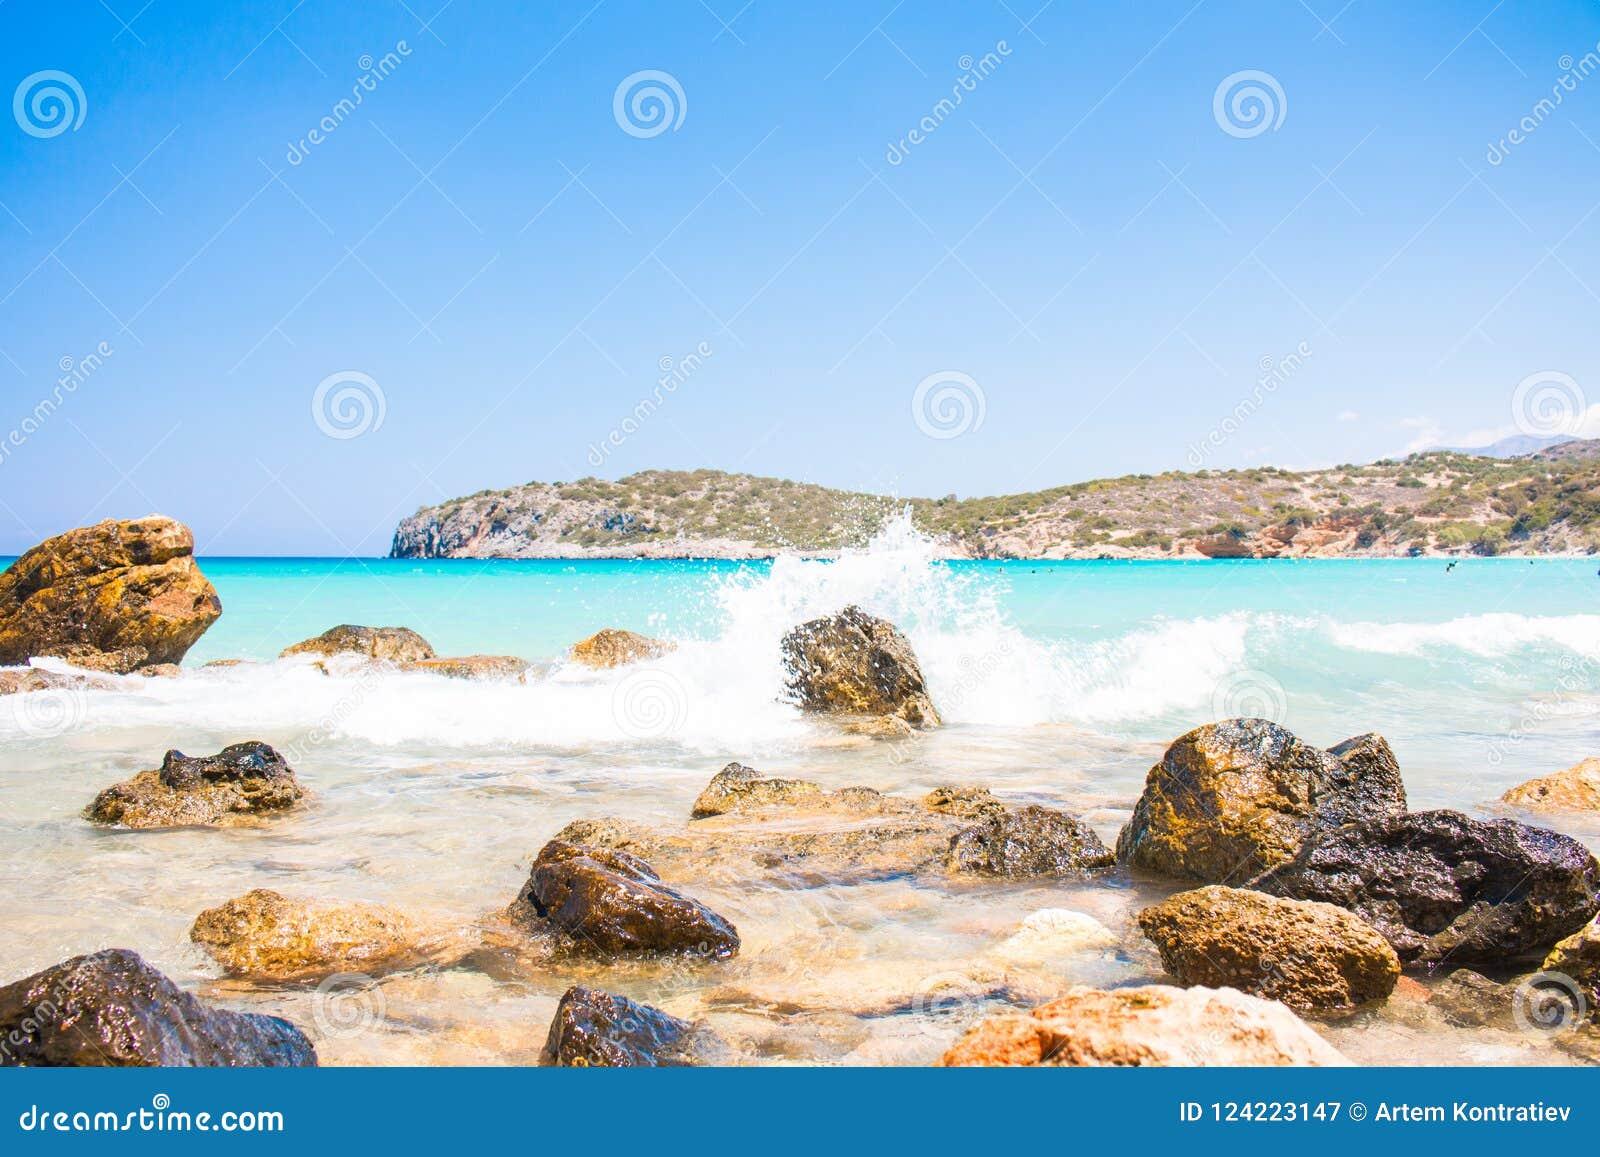 Ondas potentes en una playa rocosa Voulisma, Agios Nikolaos, Istros Grecia Crete